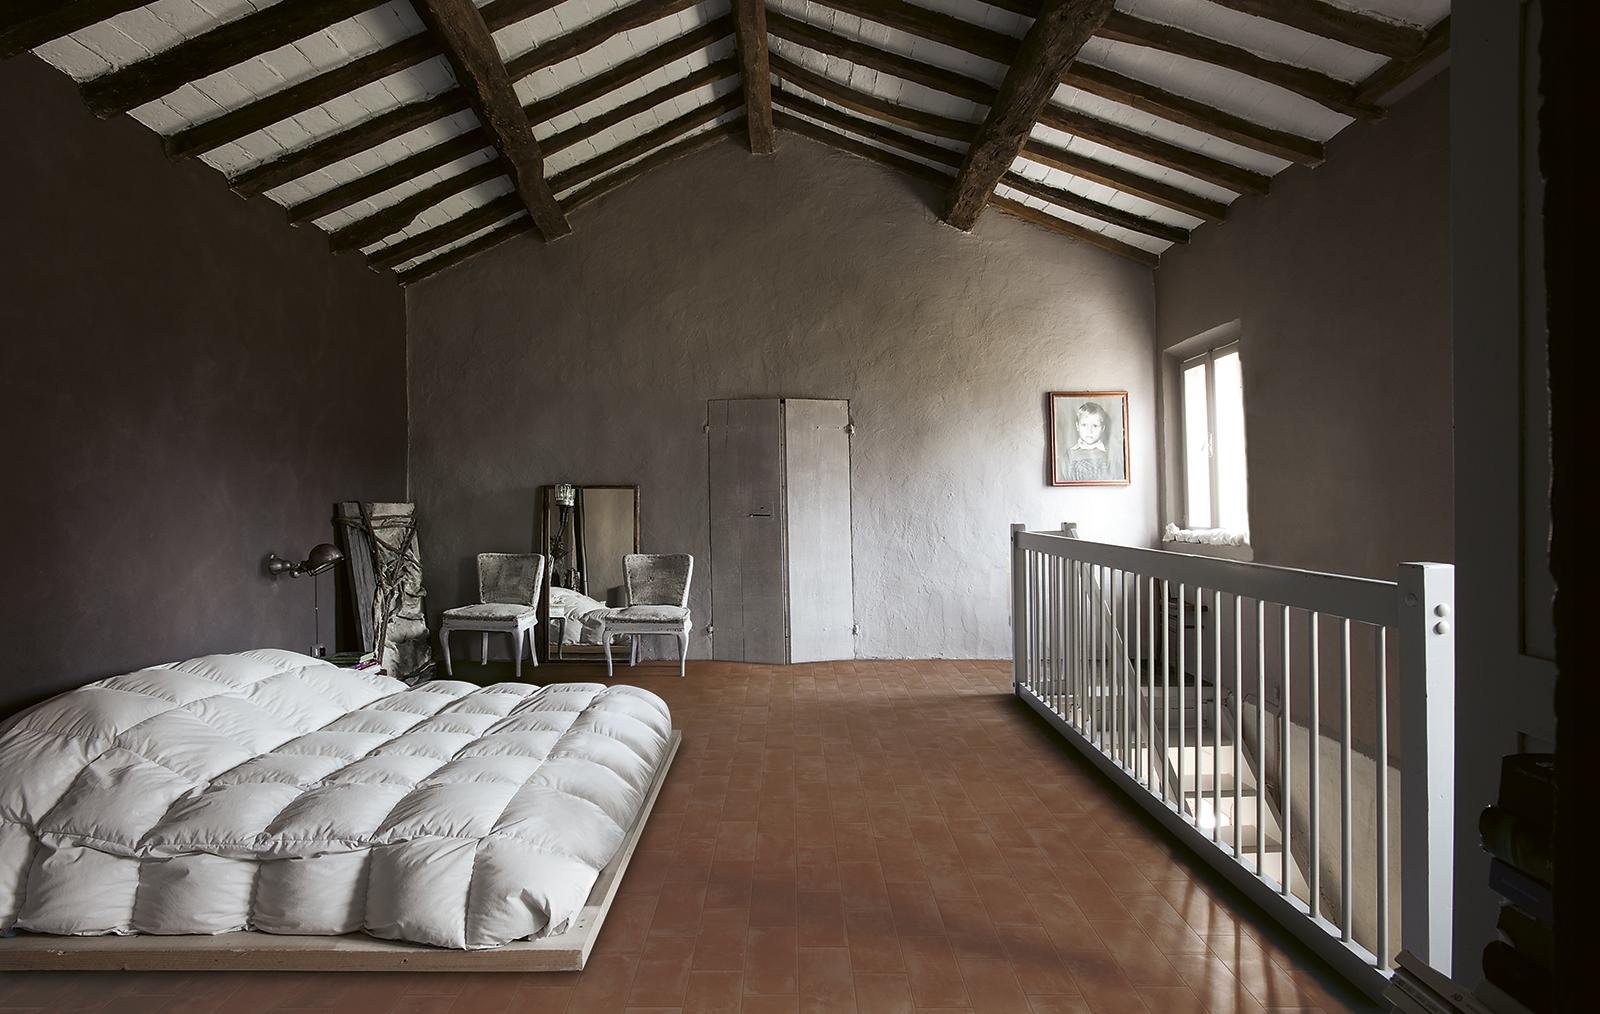 Piastrelle camera da letto idee in ceramica e gres marazzi - Idea camera da letto ...